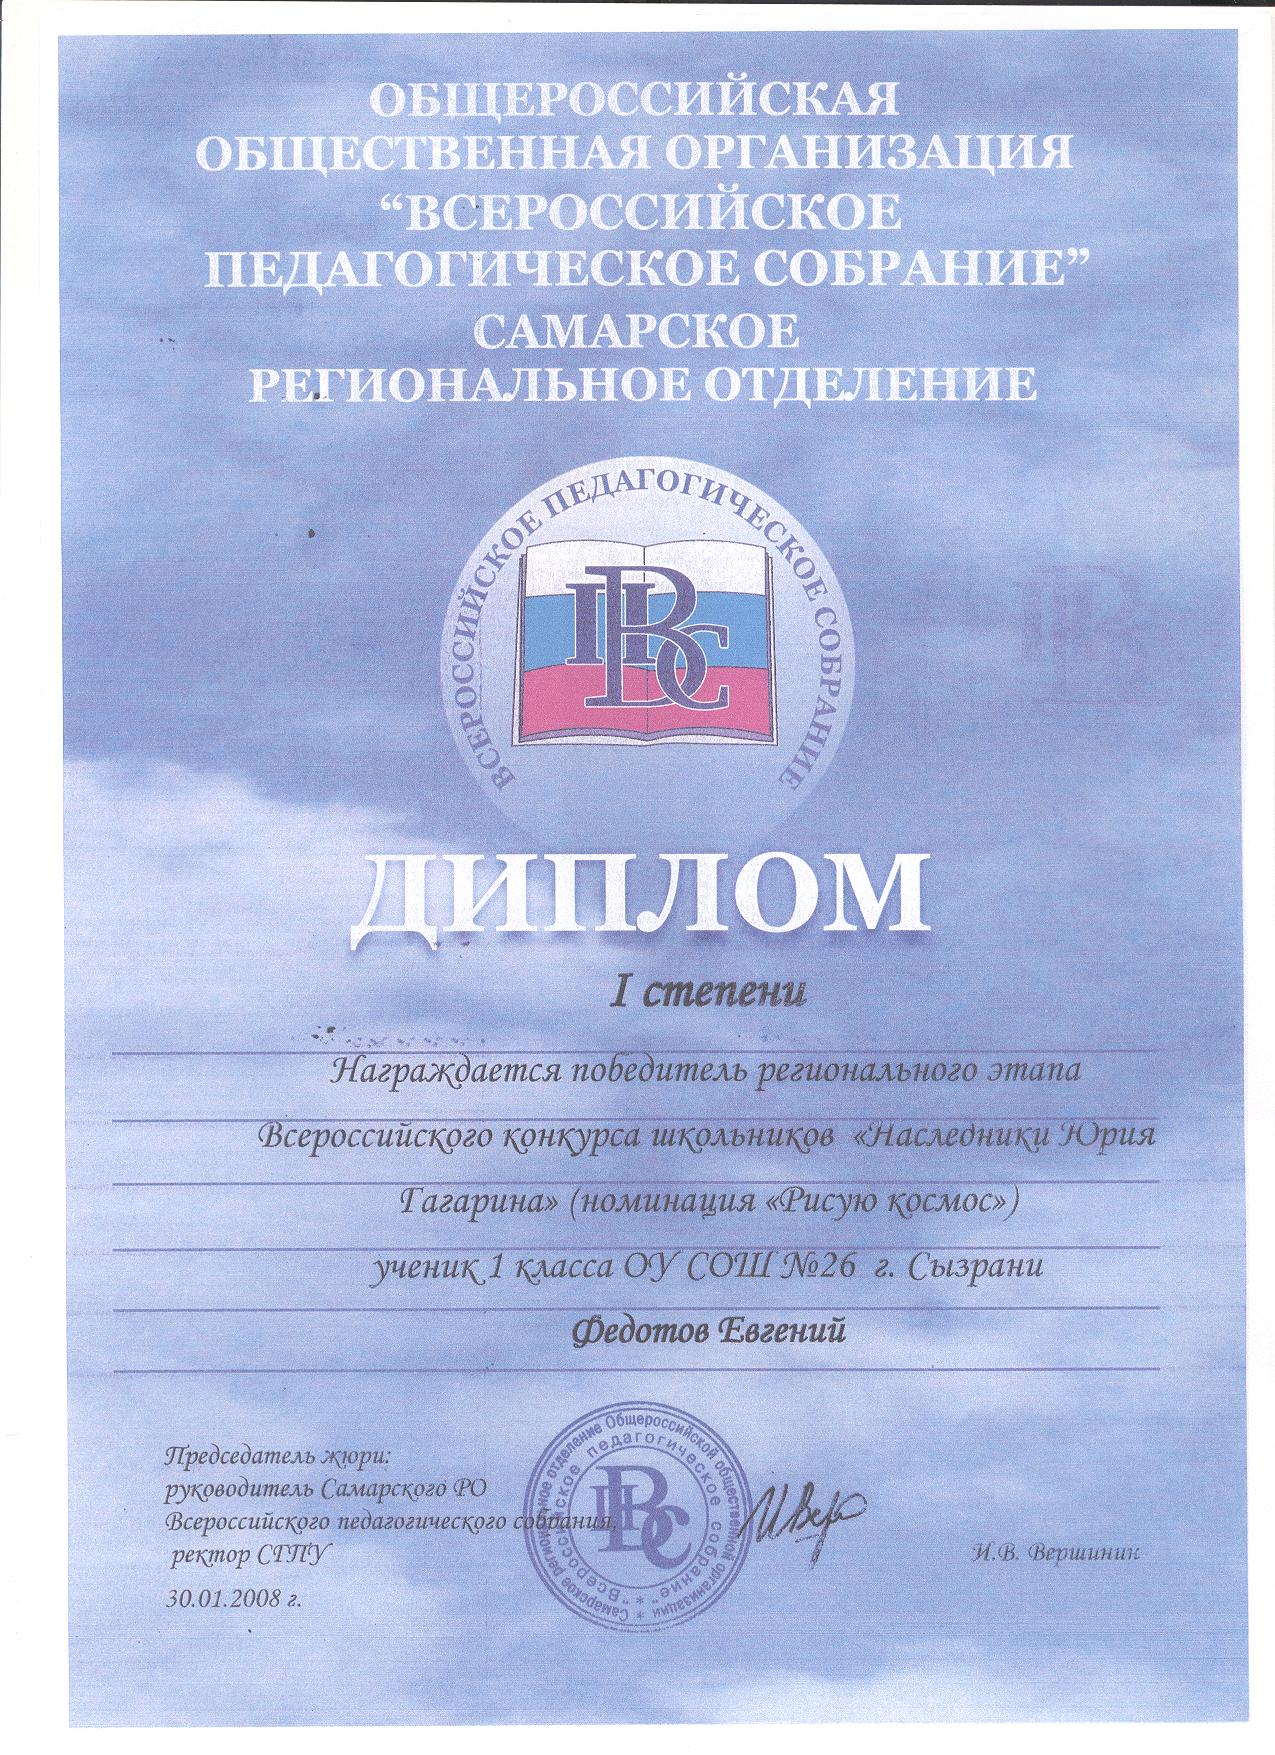 Итоги конкурса наследники юрия гагарина